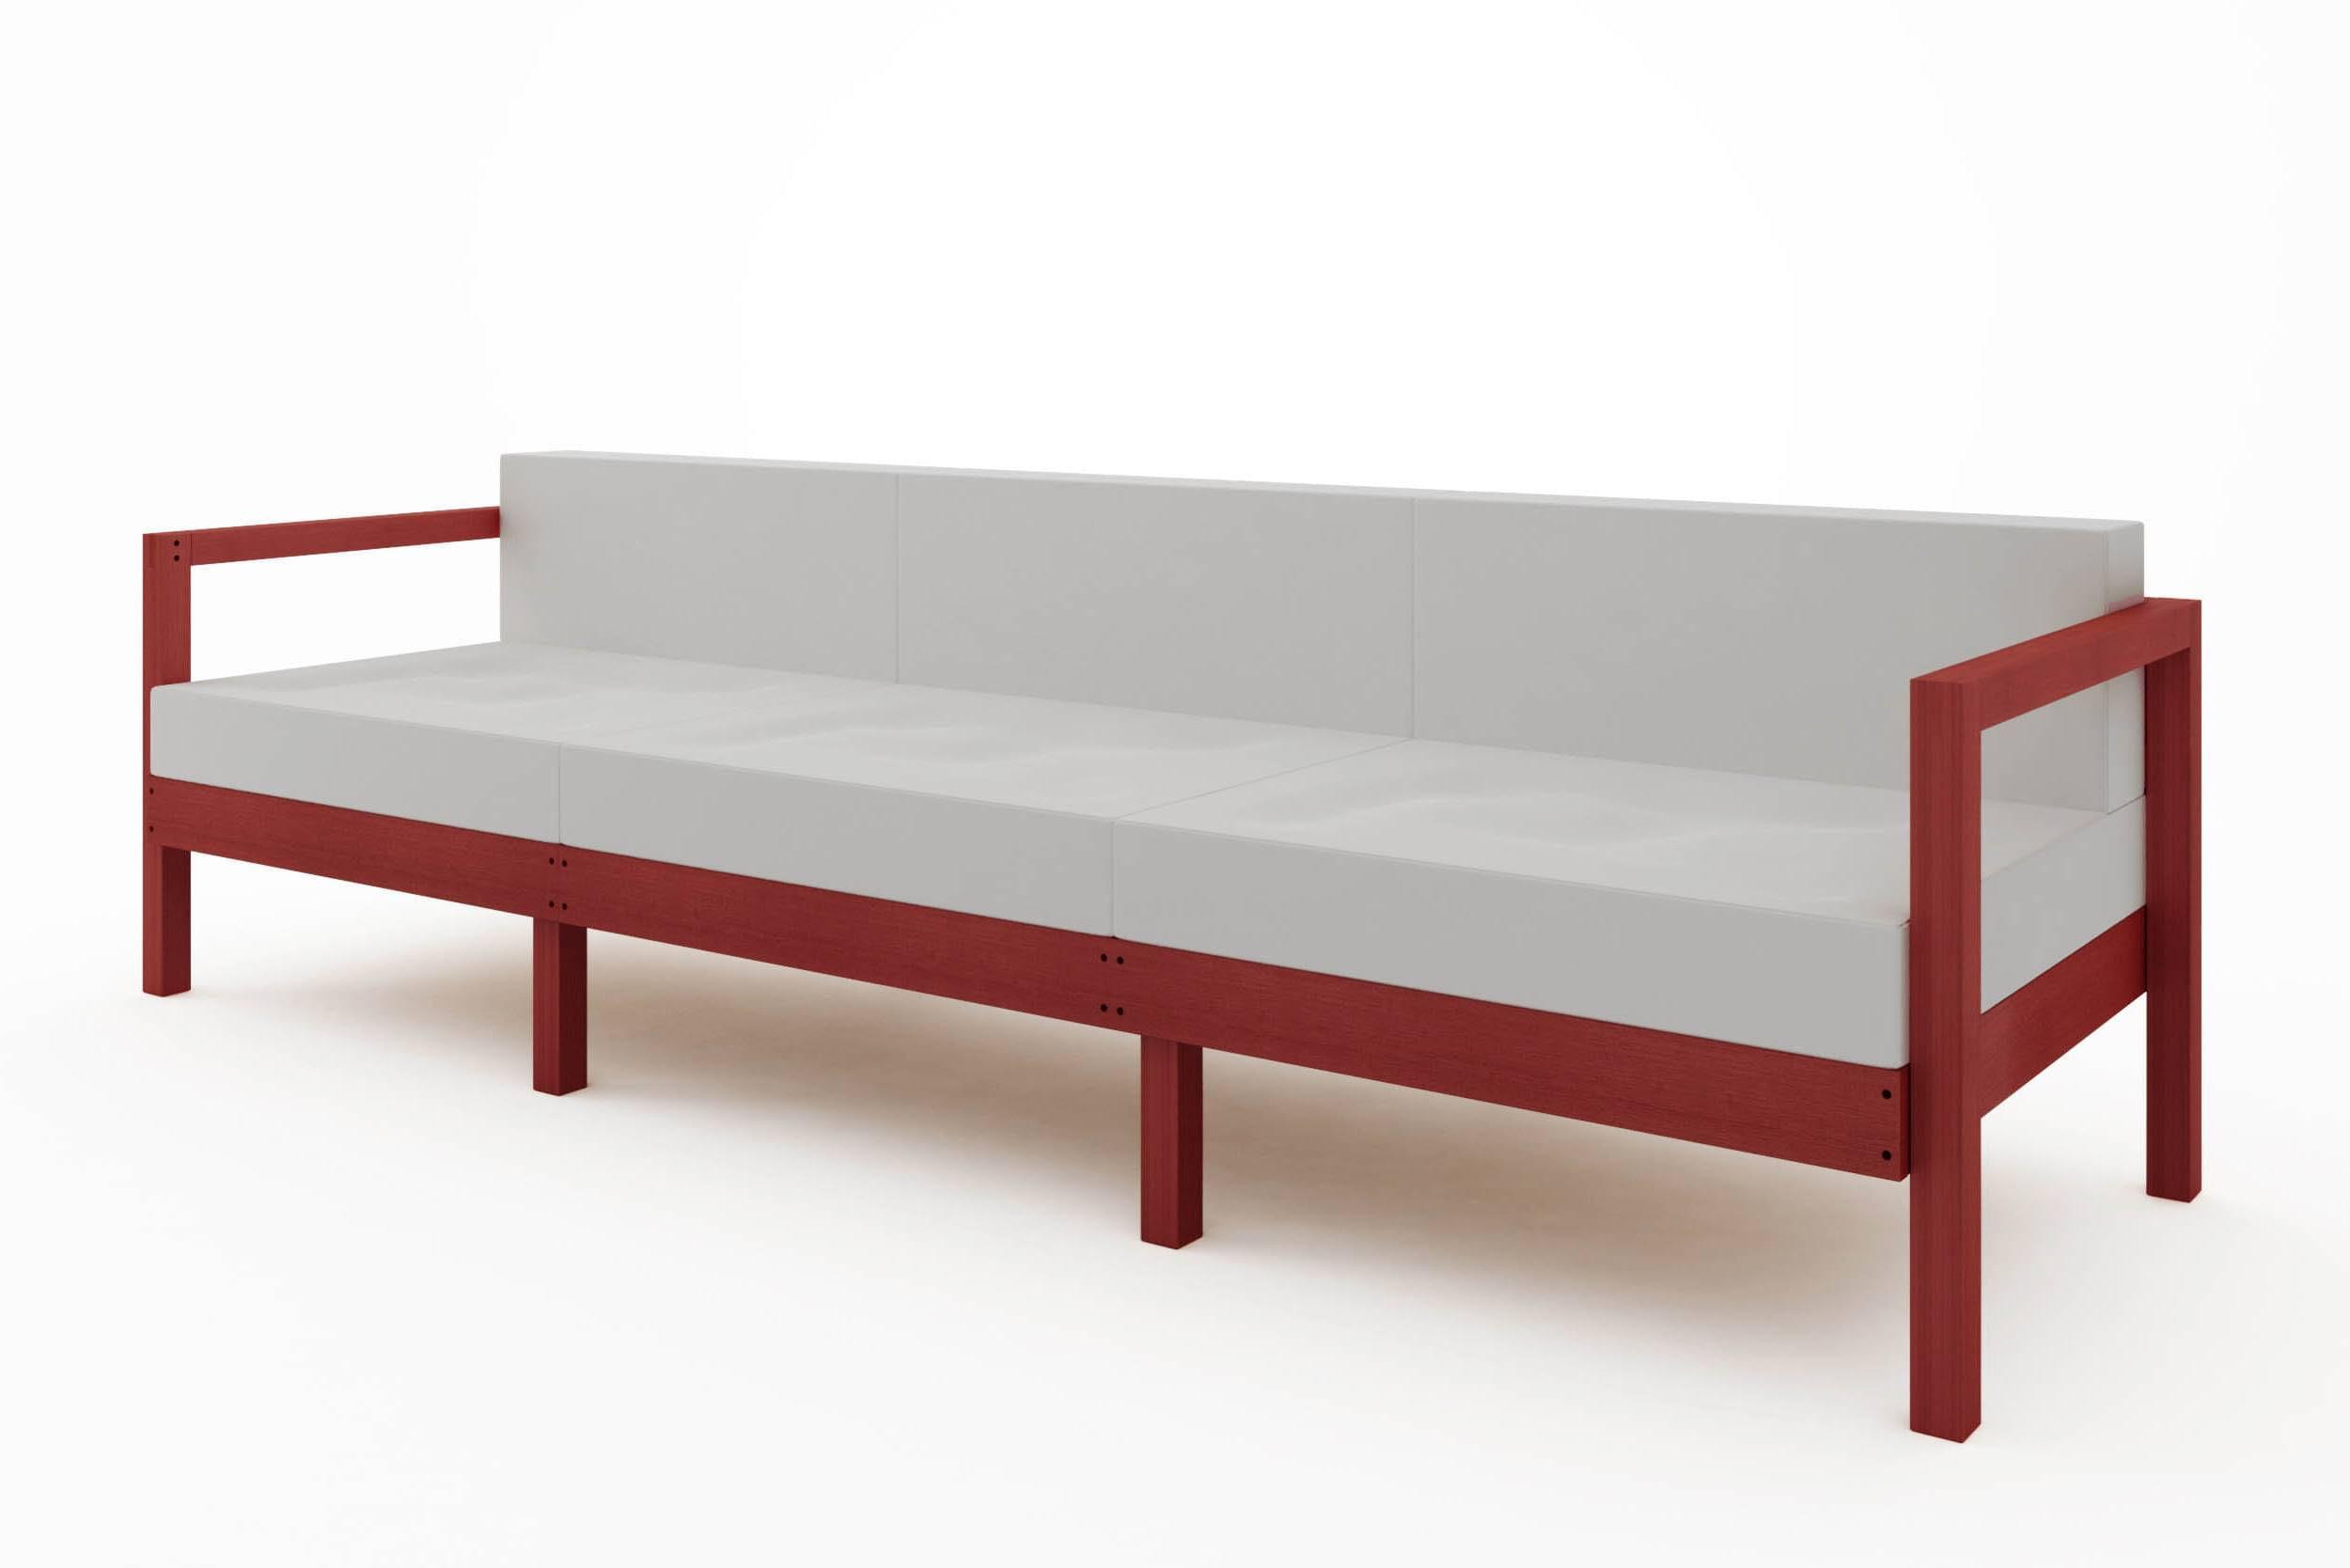 Sofa Componivel Lazy 3 Lugares Estrutura Vermelha + Almofadas 249cm - 61393